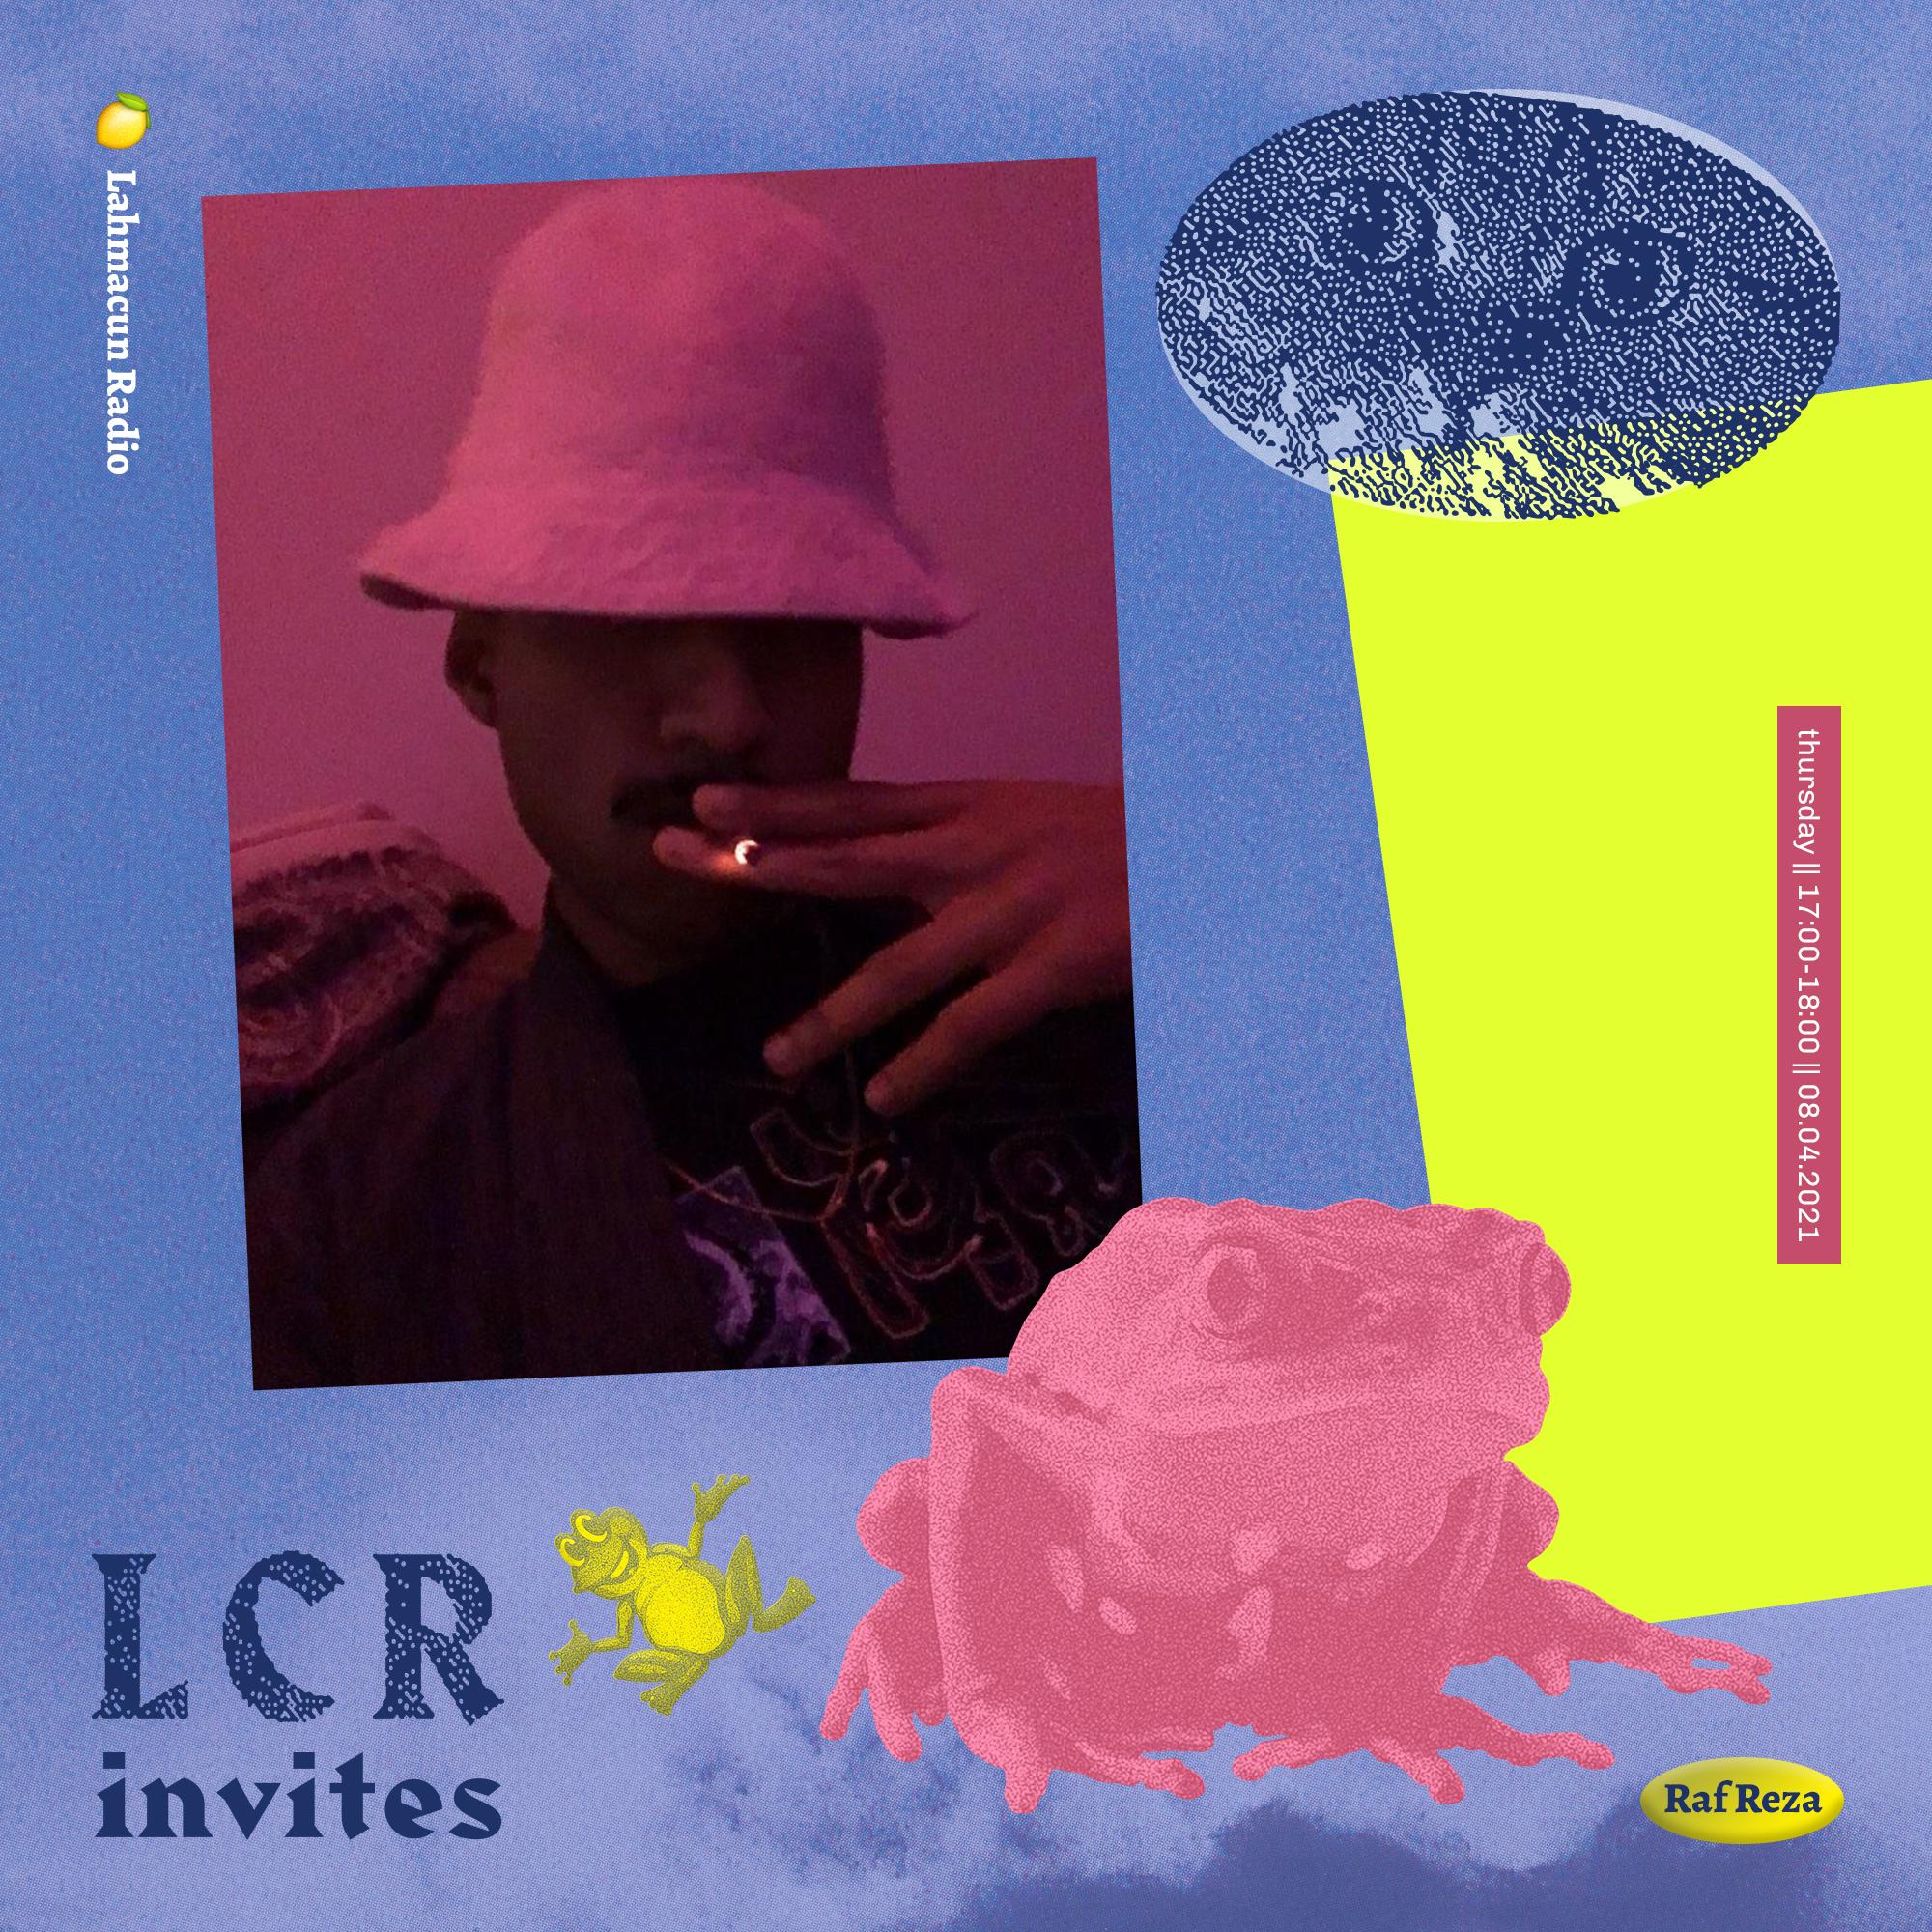 LCR INVITES /// Raf Reza /// [08.04.21.]